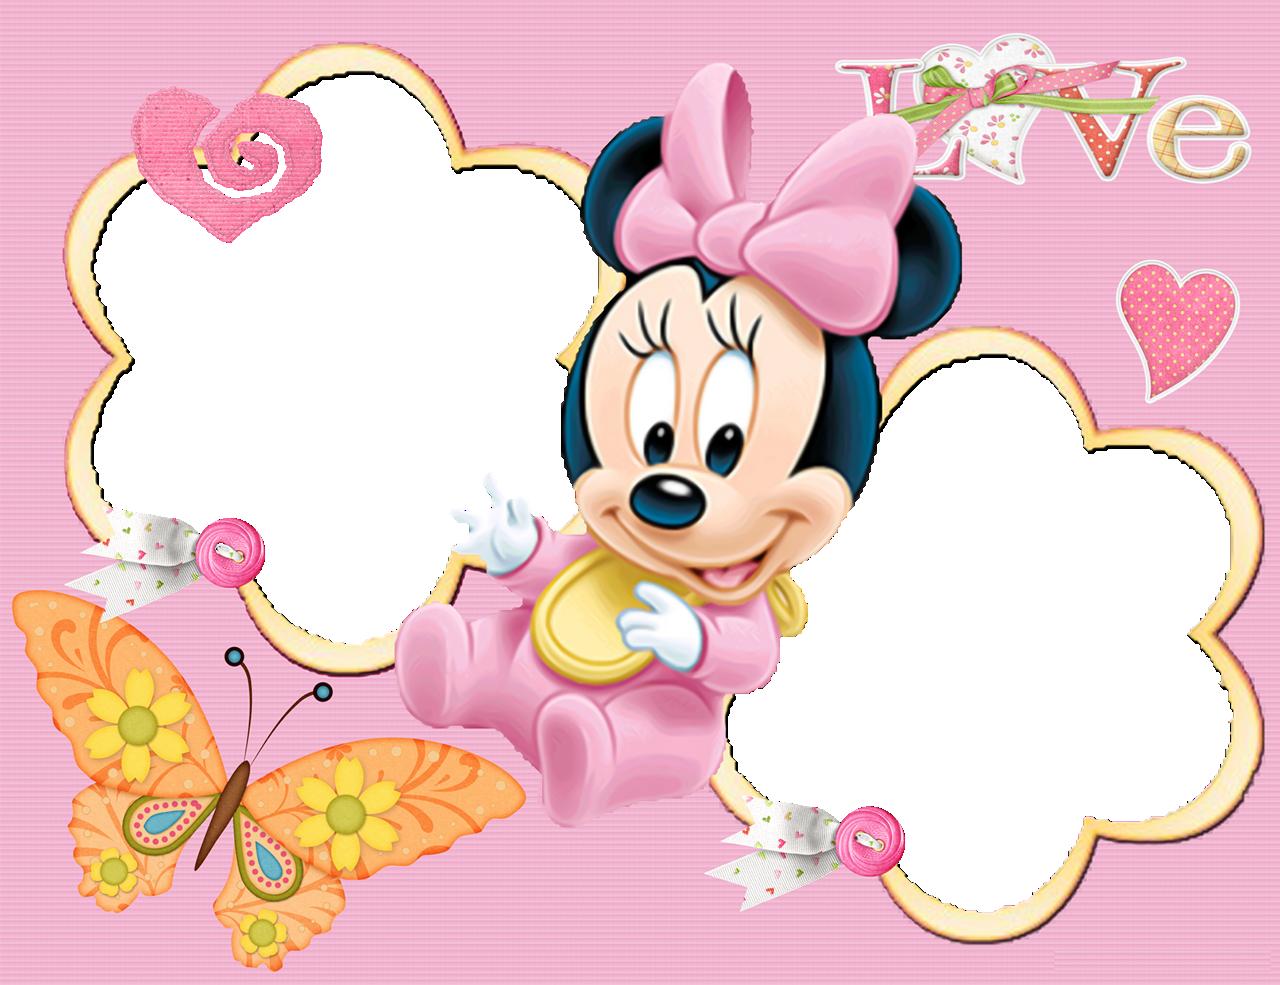 imagenes de minnie baby para imprimir - Buscar con Google | disney ...